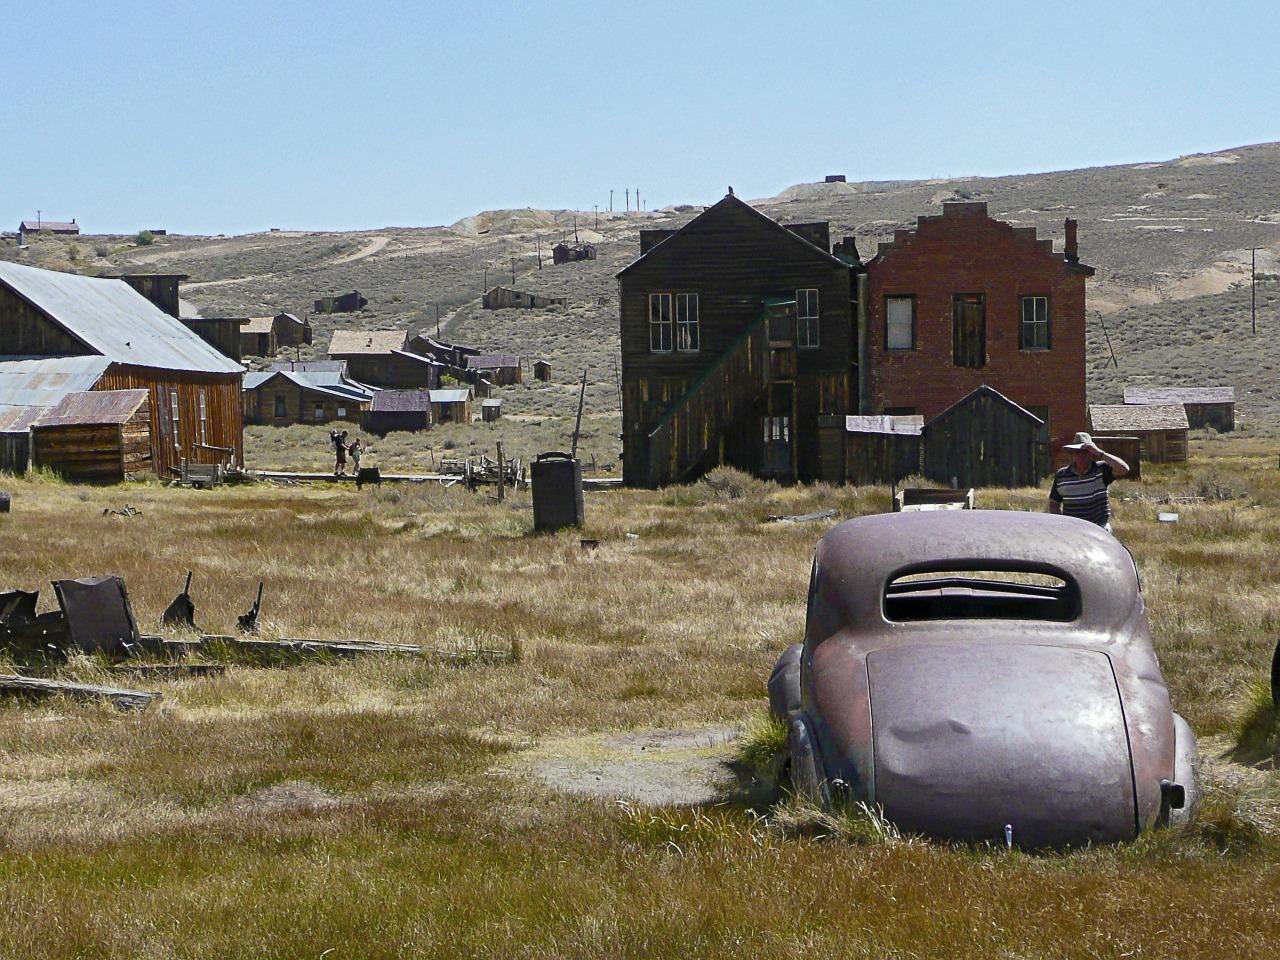 Costruzioni nella cittadina di Bodie